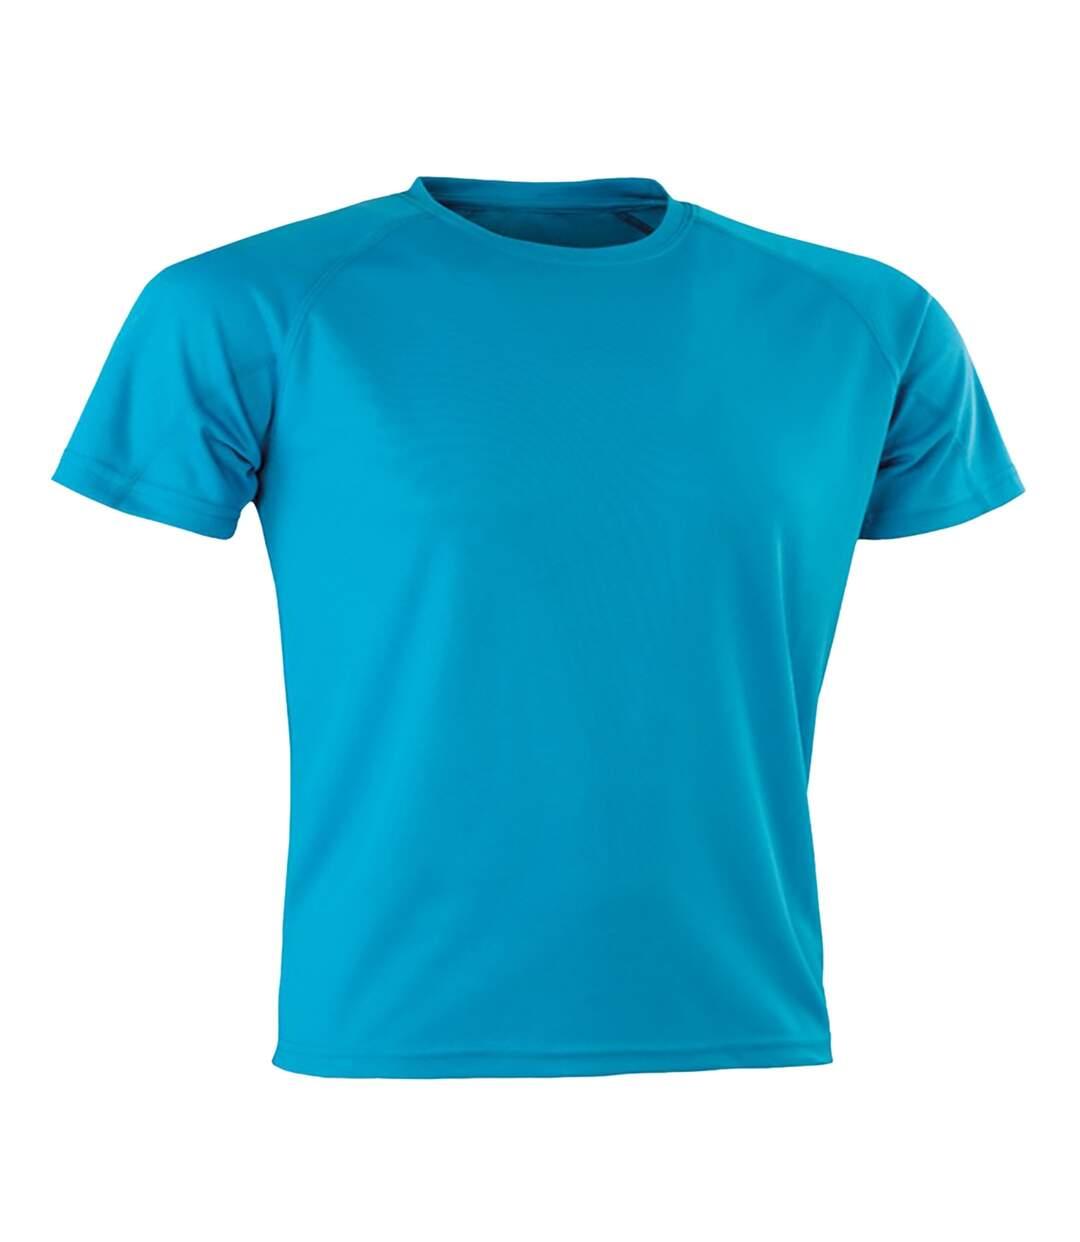 Spiro Mens Aircool T-Shirt (Ocean Blue) - UTPC3166